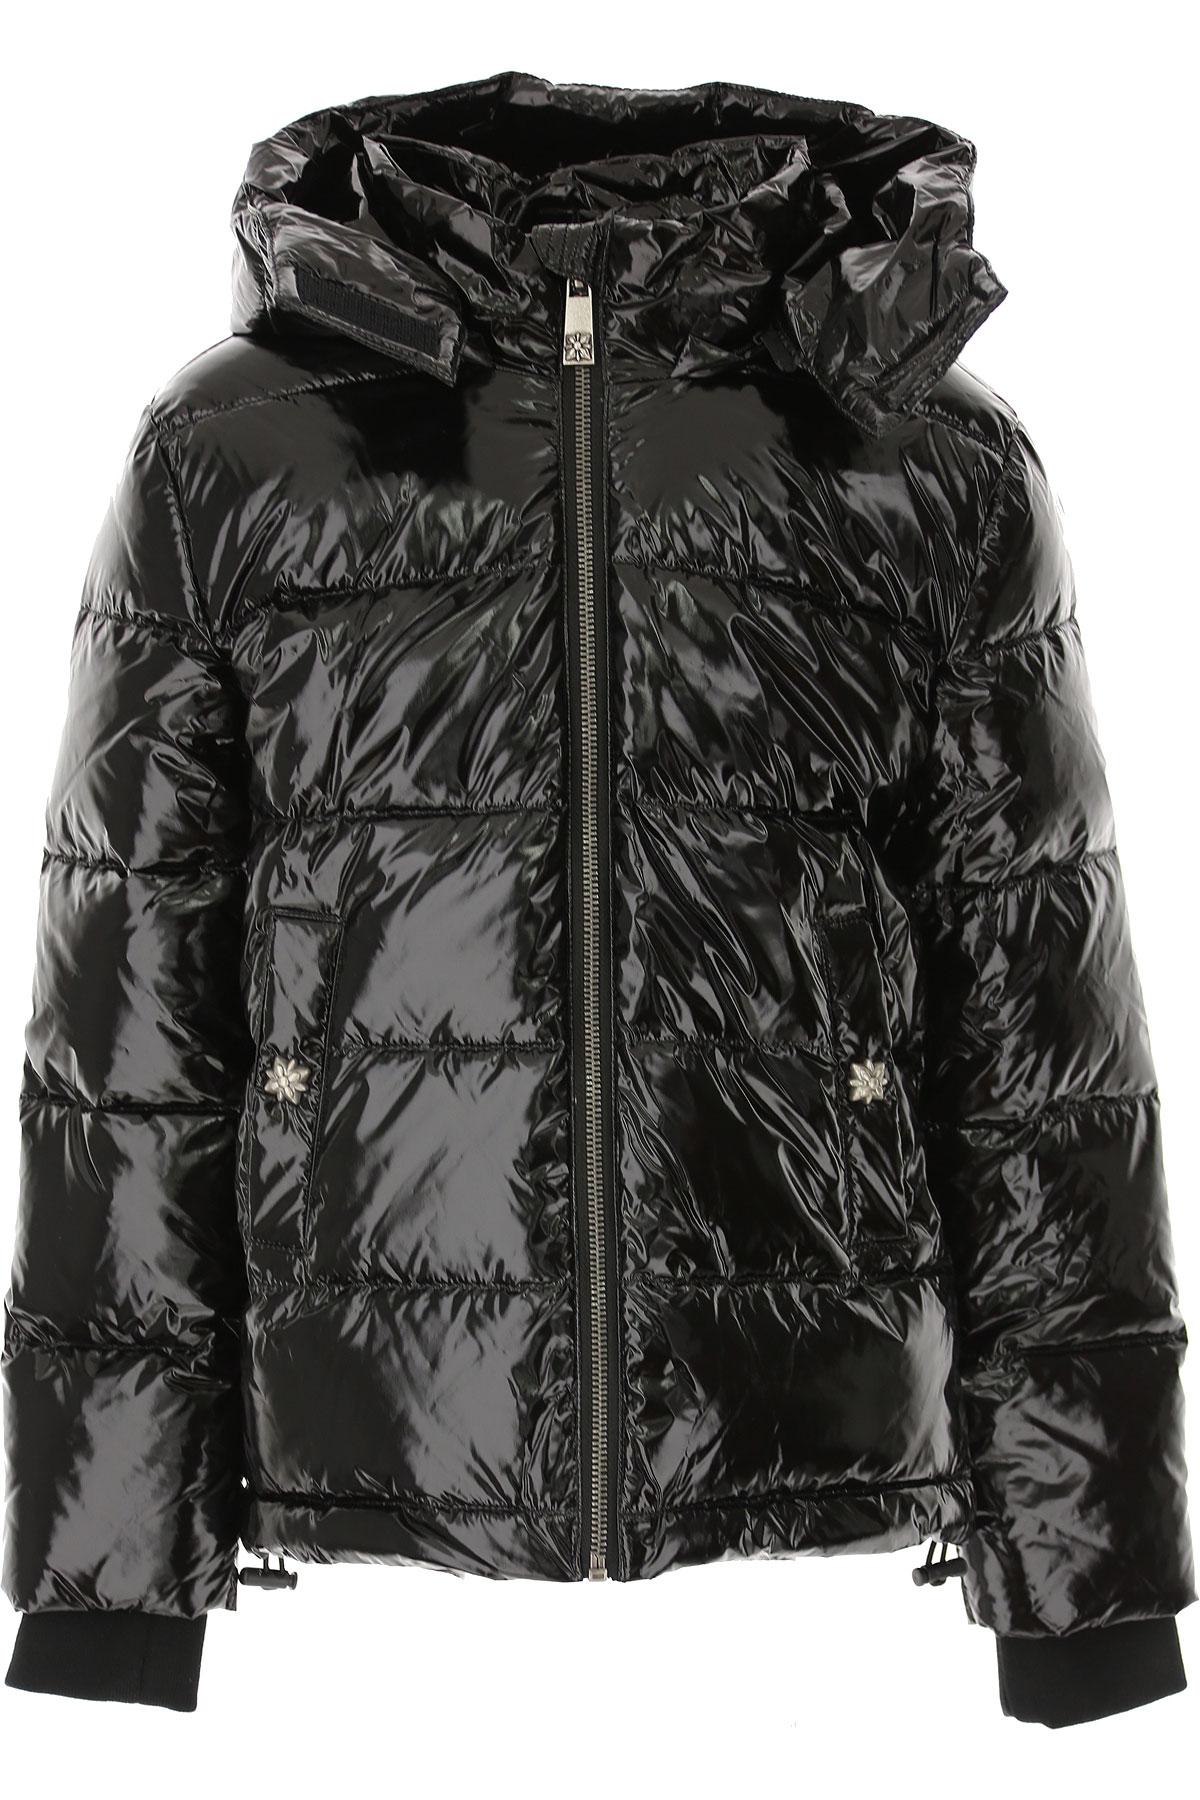 John Richmond Boys Down Jacket for Kids, Puffer Ski Jacket On Sale, Black, polyester, 2019, 10Y 16Y 4Y